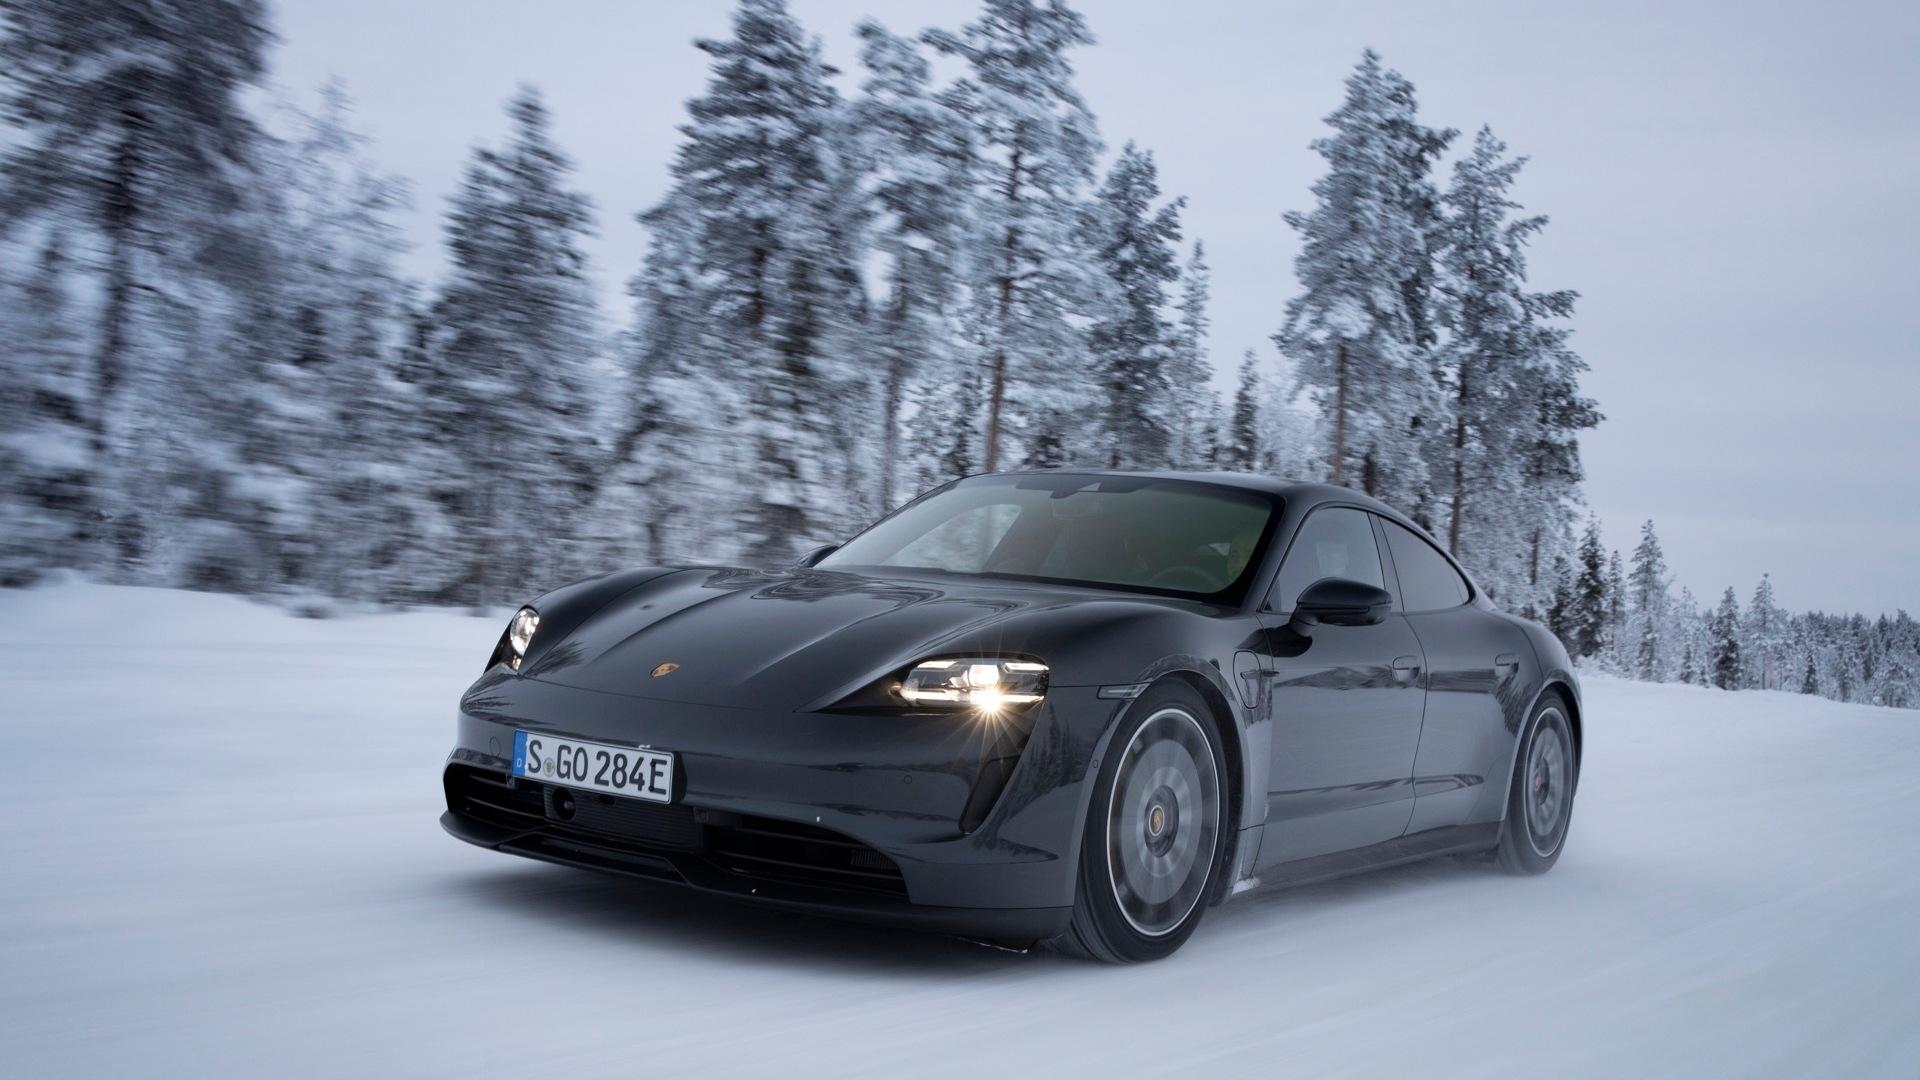 2020 Porsche Taycan 4S  -  Levi, Finland